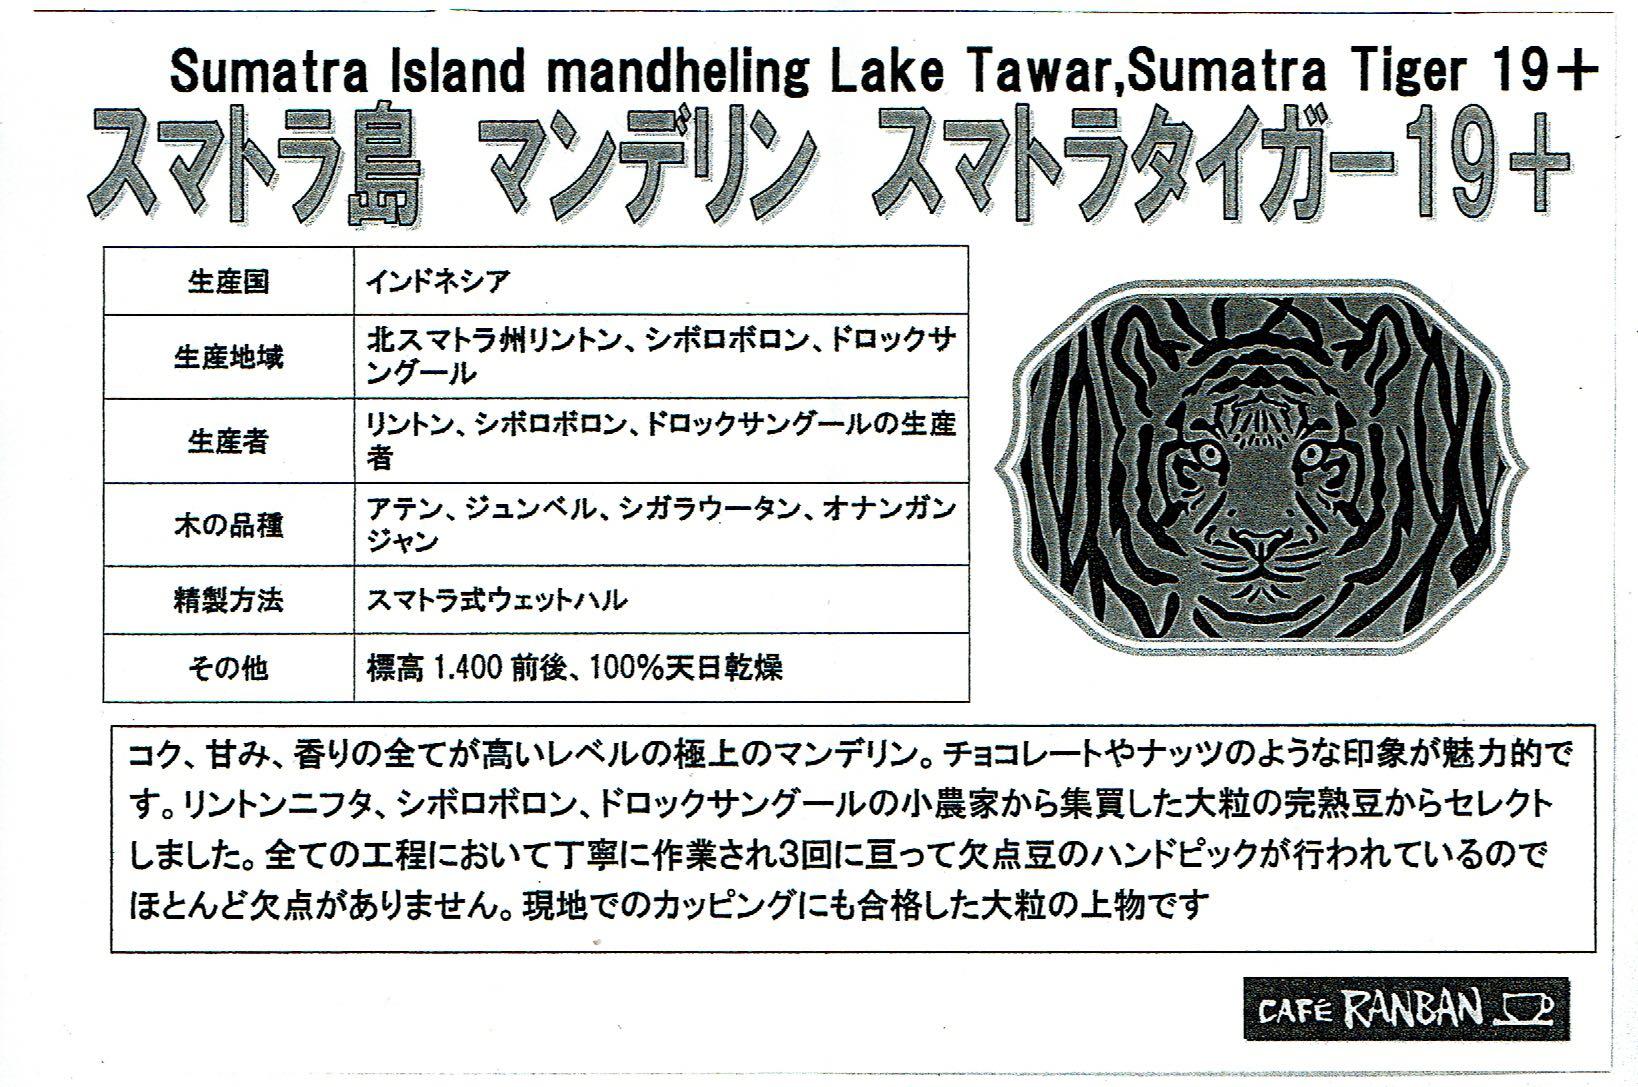 カフェ ランバン:インドネシア スマトラ島 マンデリン スマトラタイガー 19+とスマトラタイガー ブルーアイ